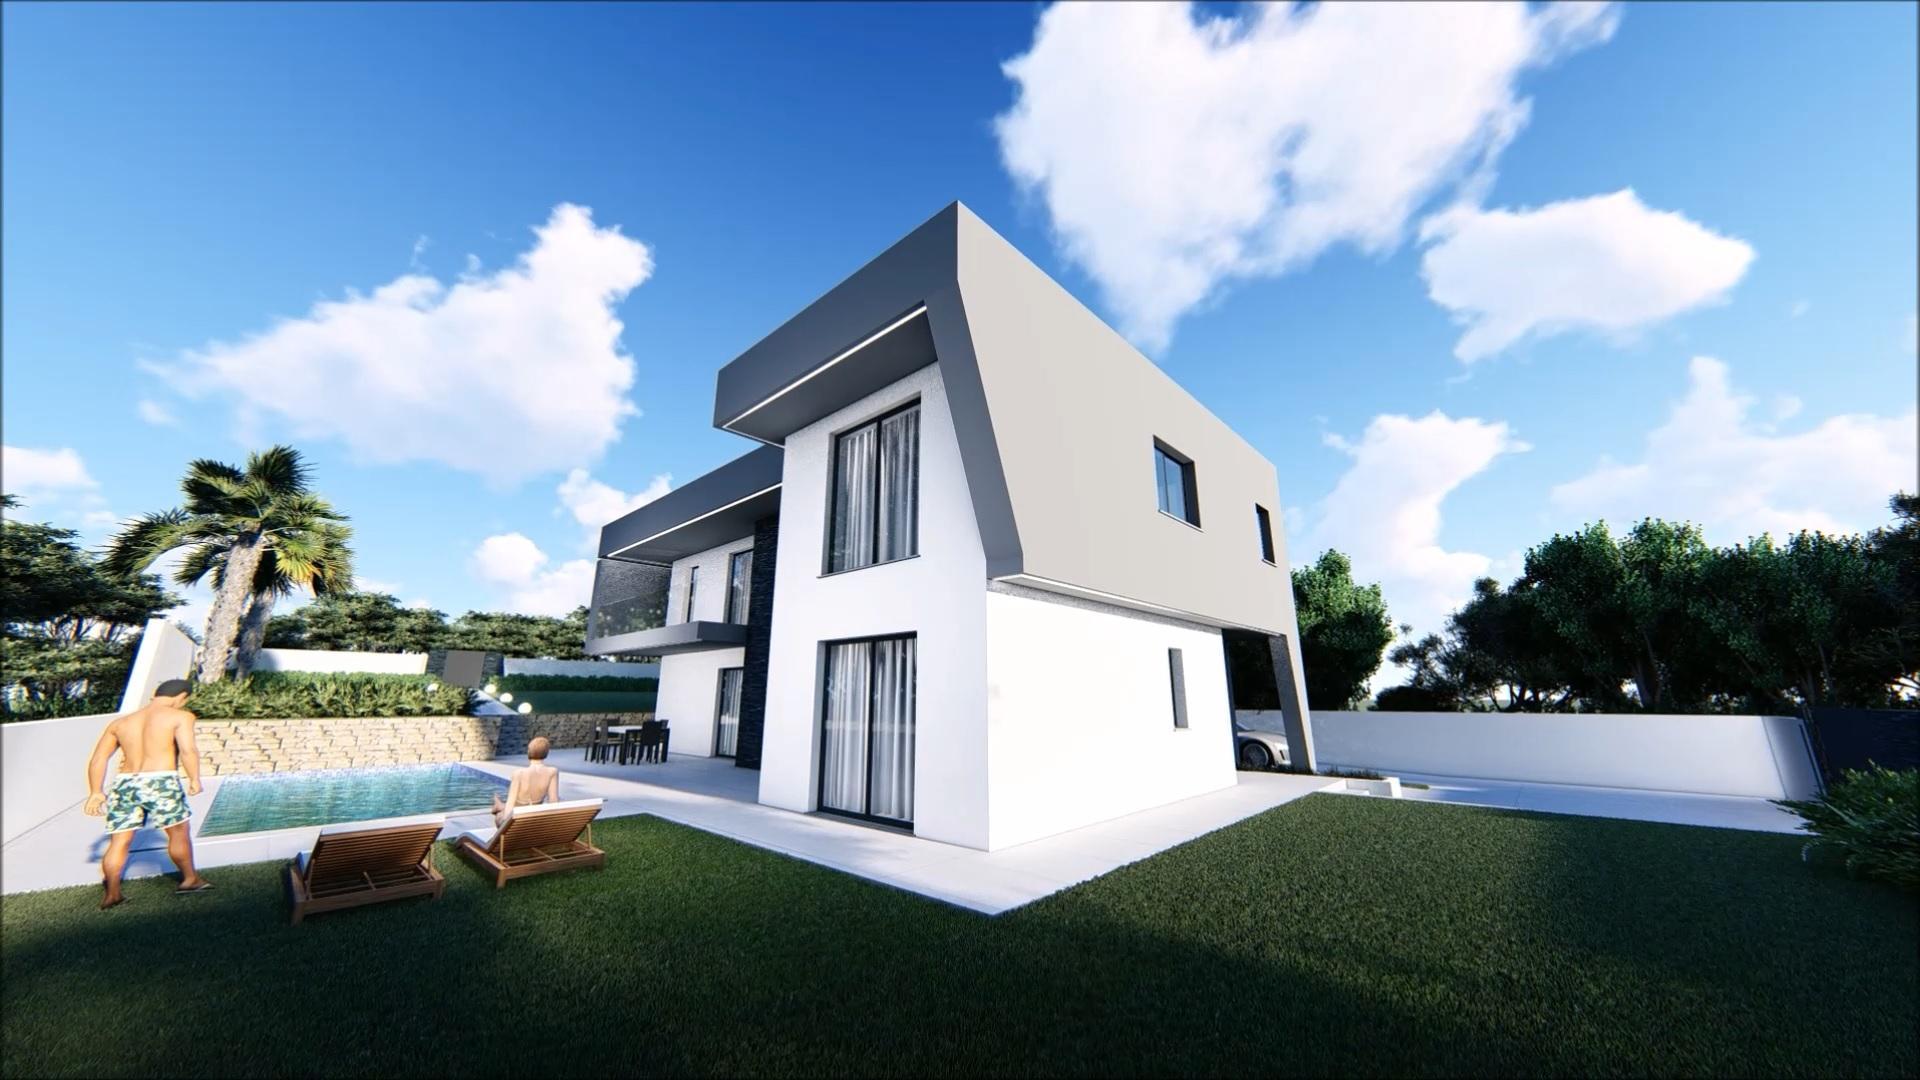 Náš portugalský domov ❤️🏡 - Obrázok č. 3